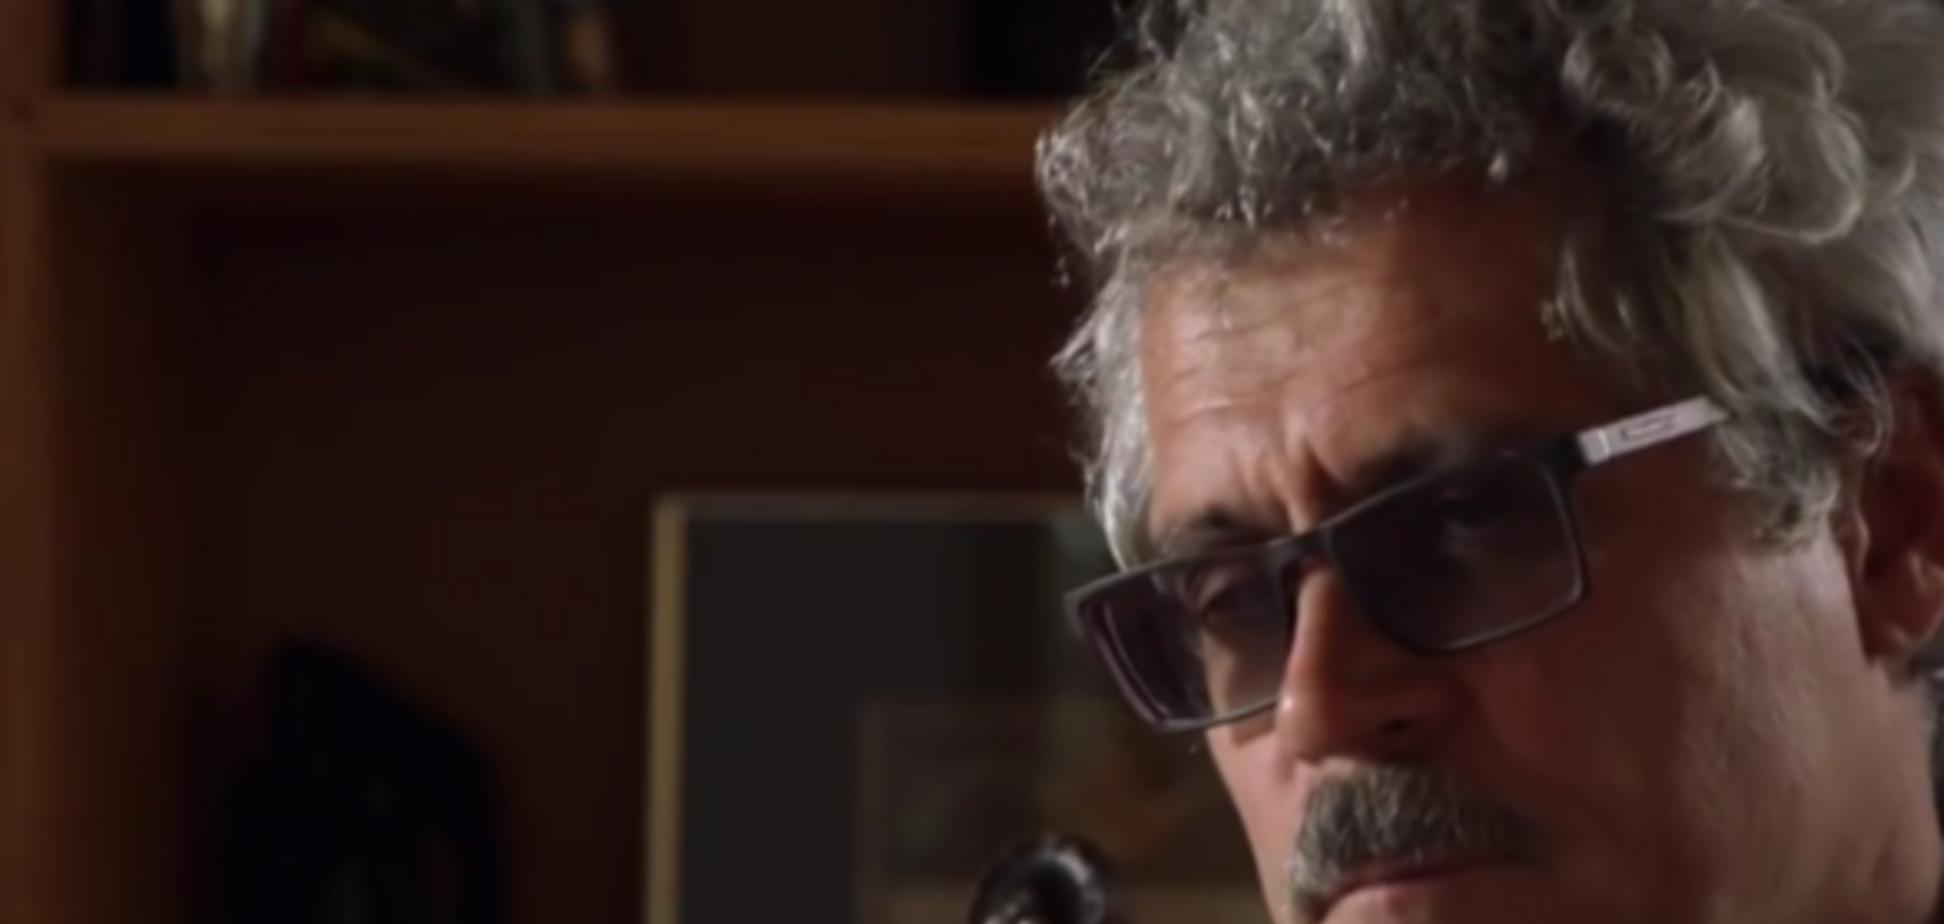 Фільм про допінг у Росії 'Ікар' отримав 'Оскар': у кіноакадеміків є тонке почуття гумору